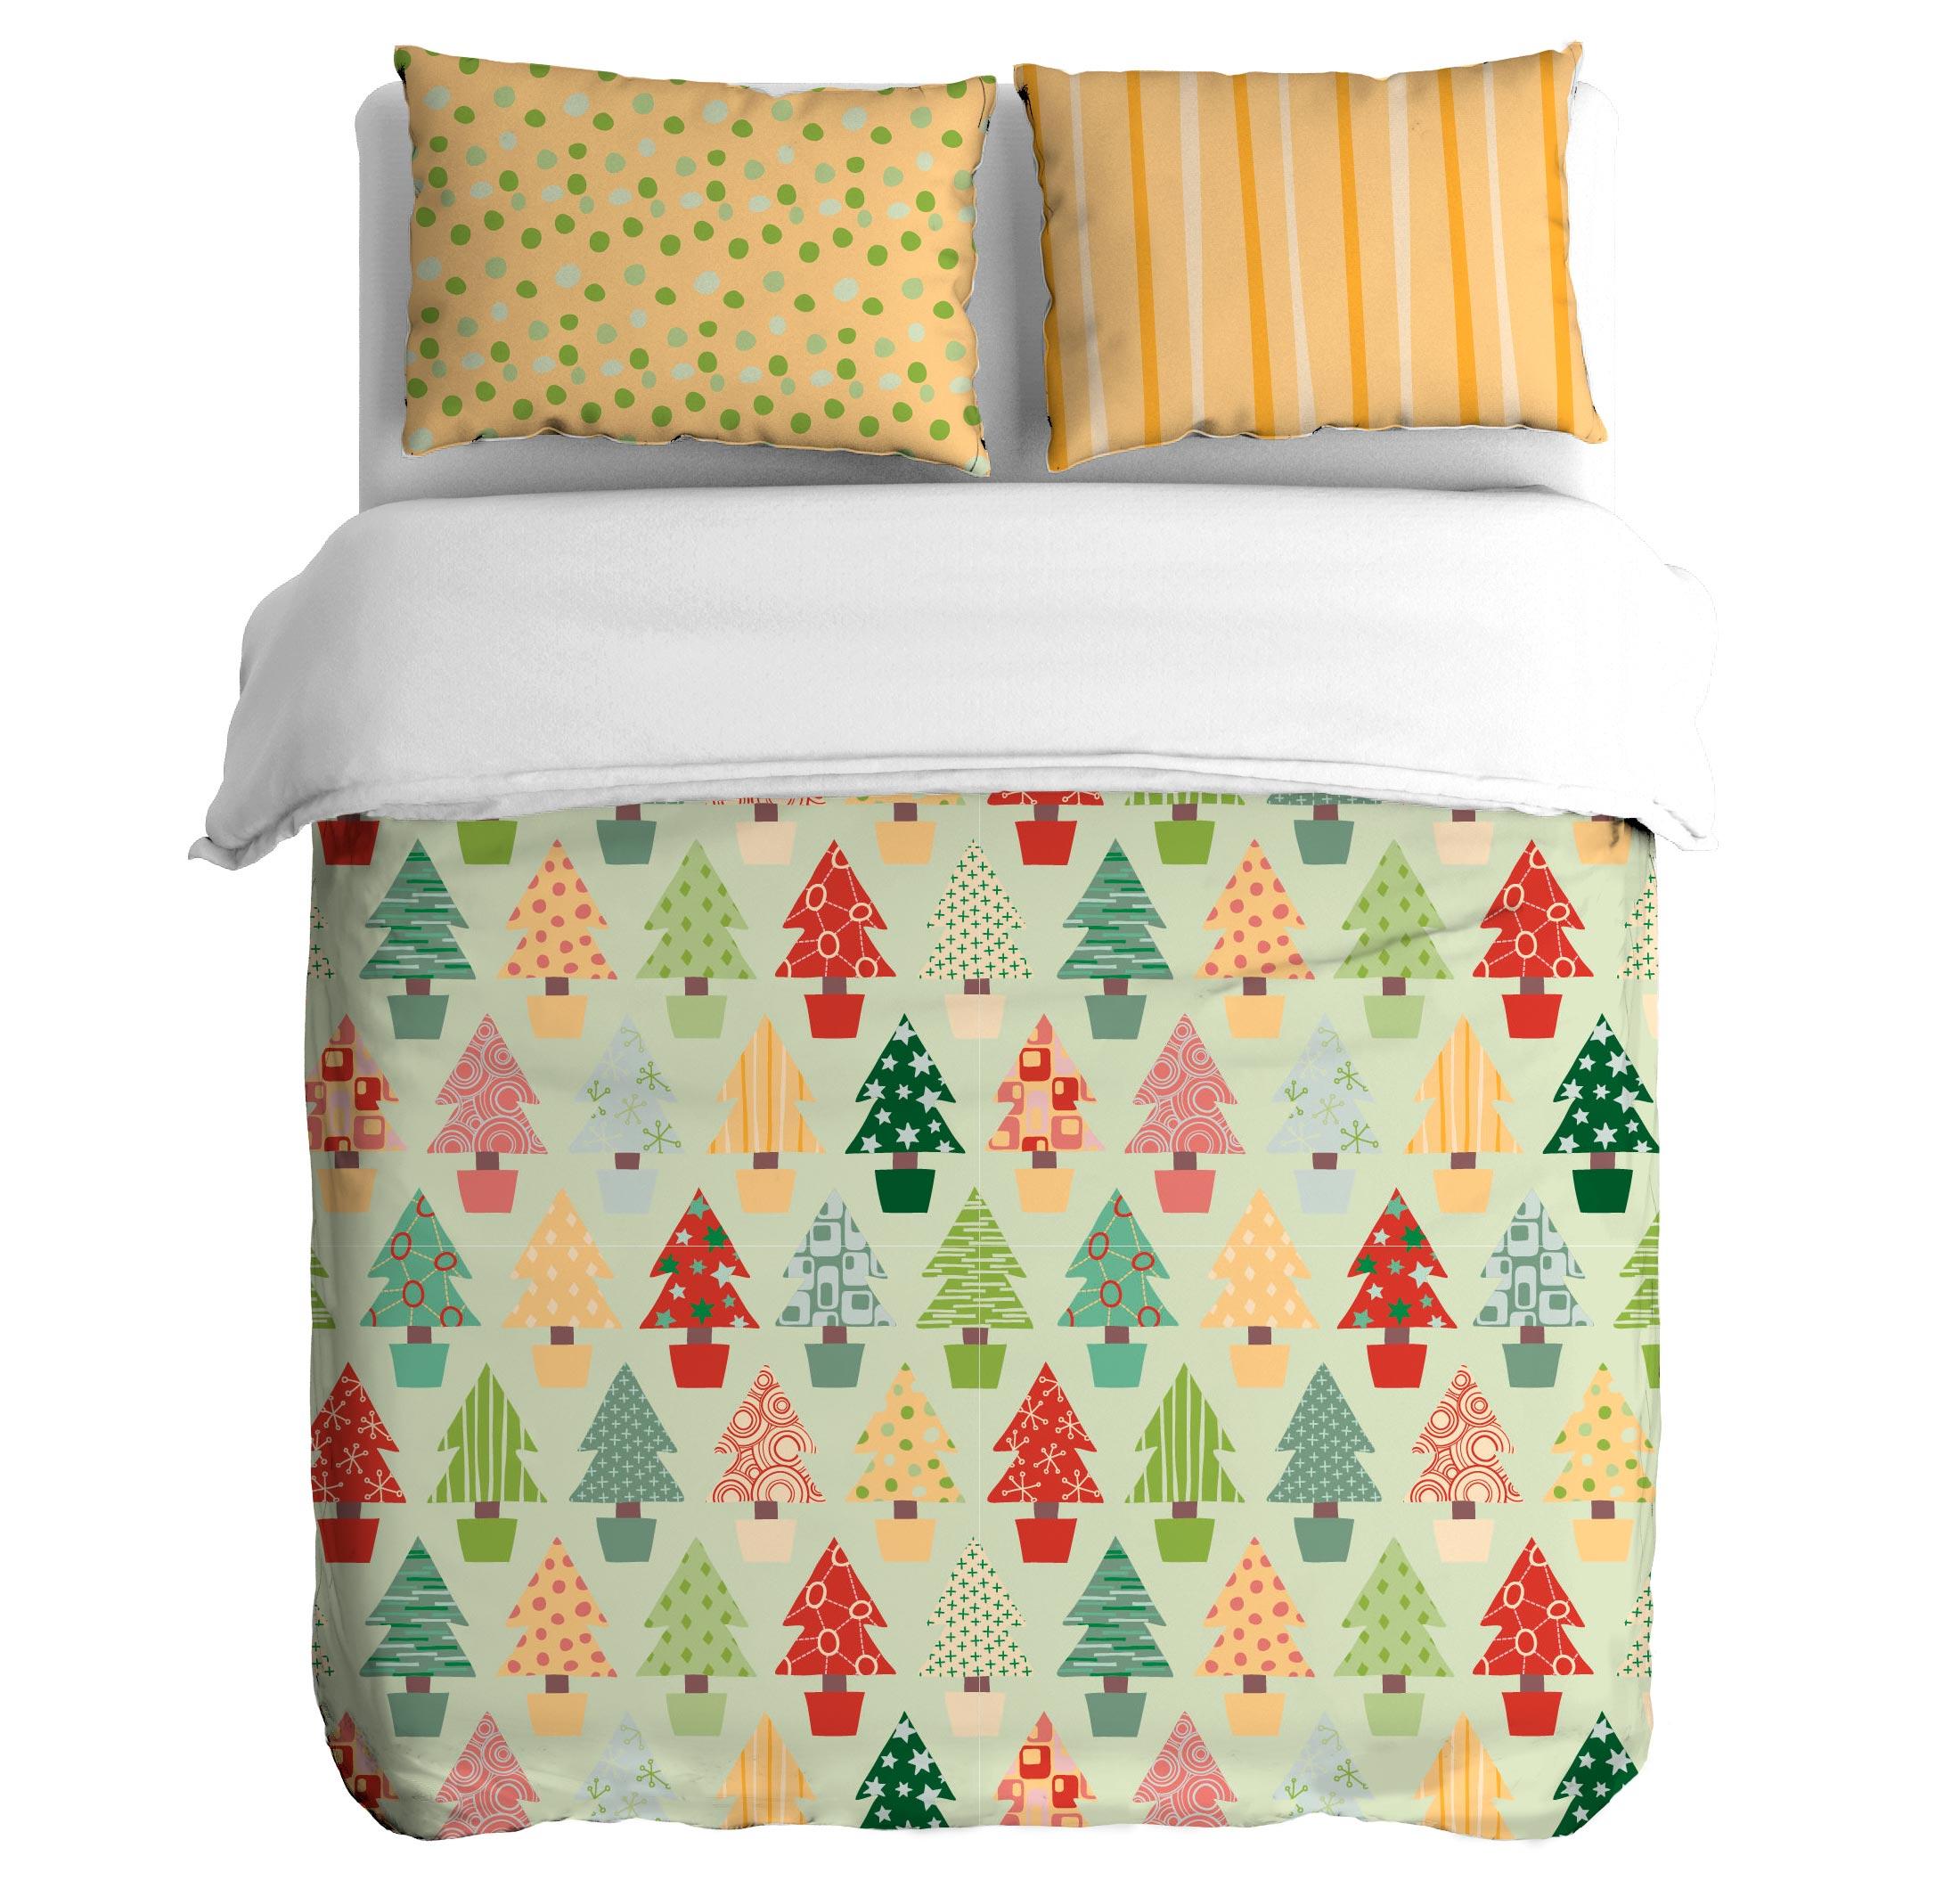 Постельное белье Peach Постельное белье Winter forest (семейное) постельное белье мартекс постельное белье микрофибра 3d визит